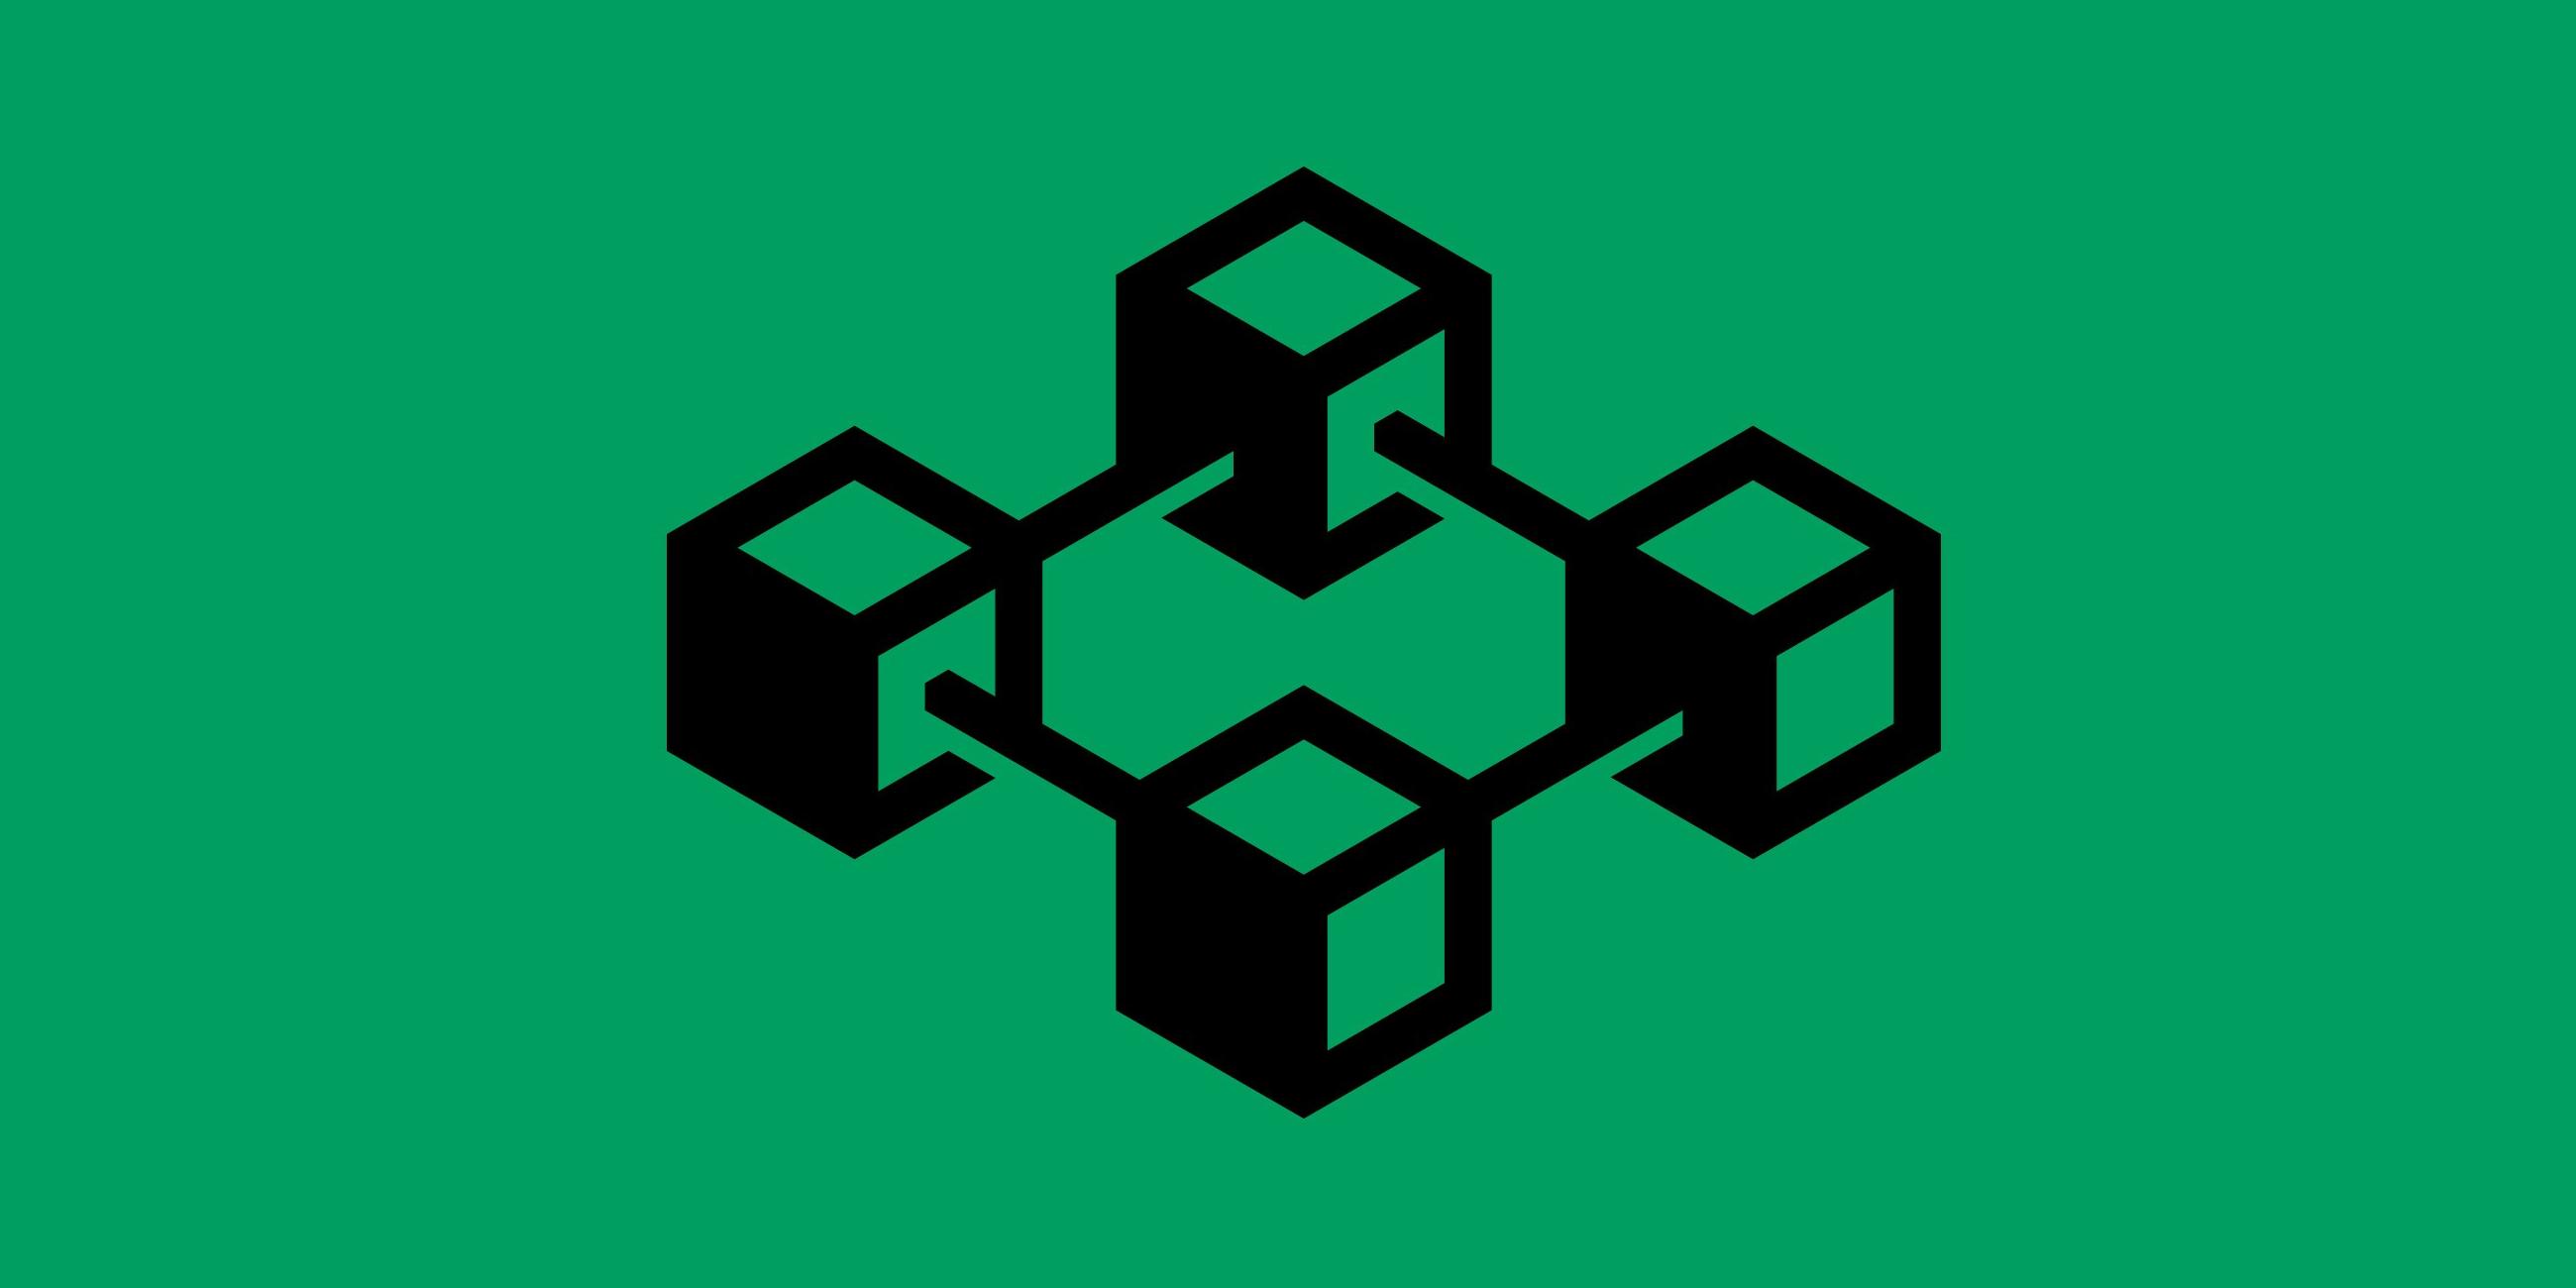 Ресурсы для изучения блокчейн-разработки с нуля